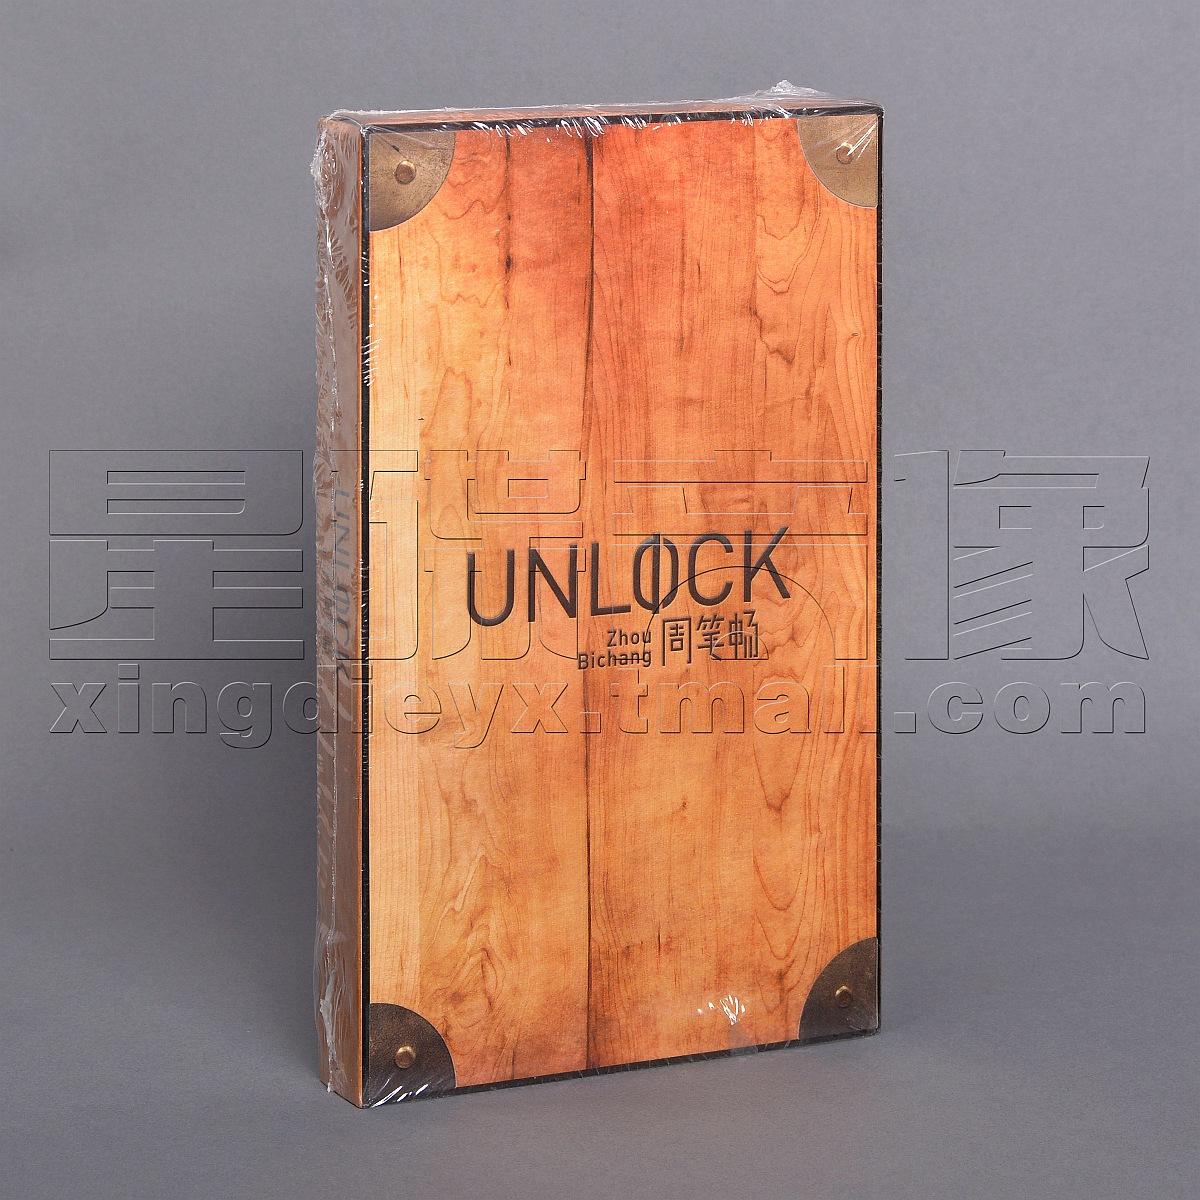 【正版】周笔畅:卸 庆功版 专辑唱片 UNLOCK CD+DVD+海报